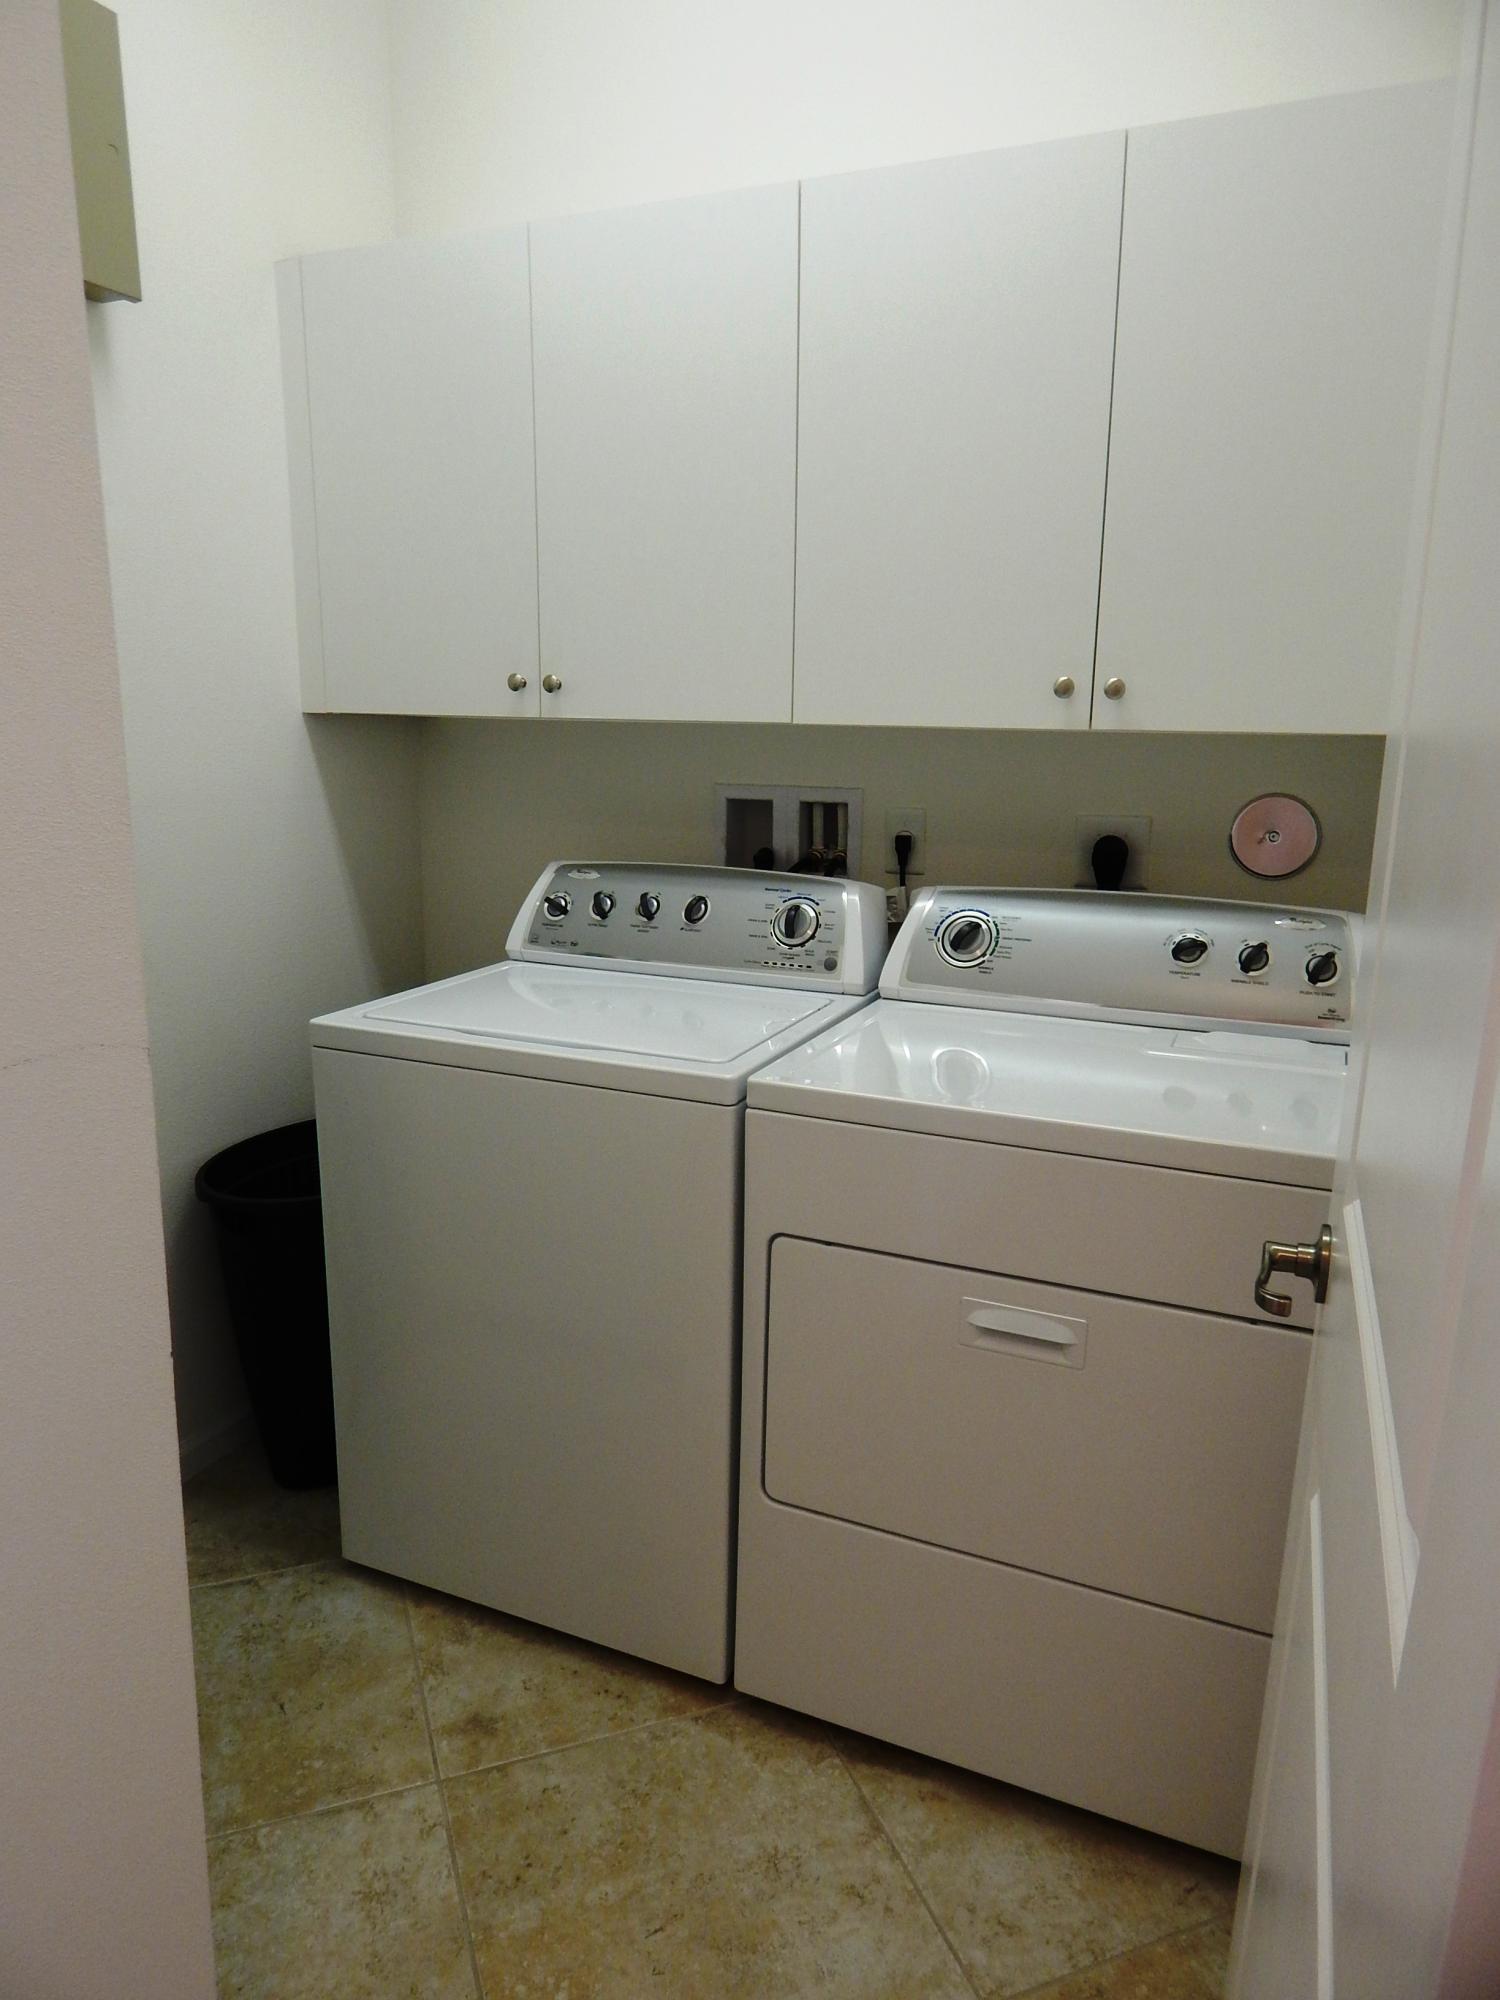 023 Laundry washer dryer